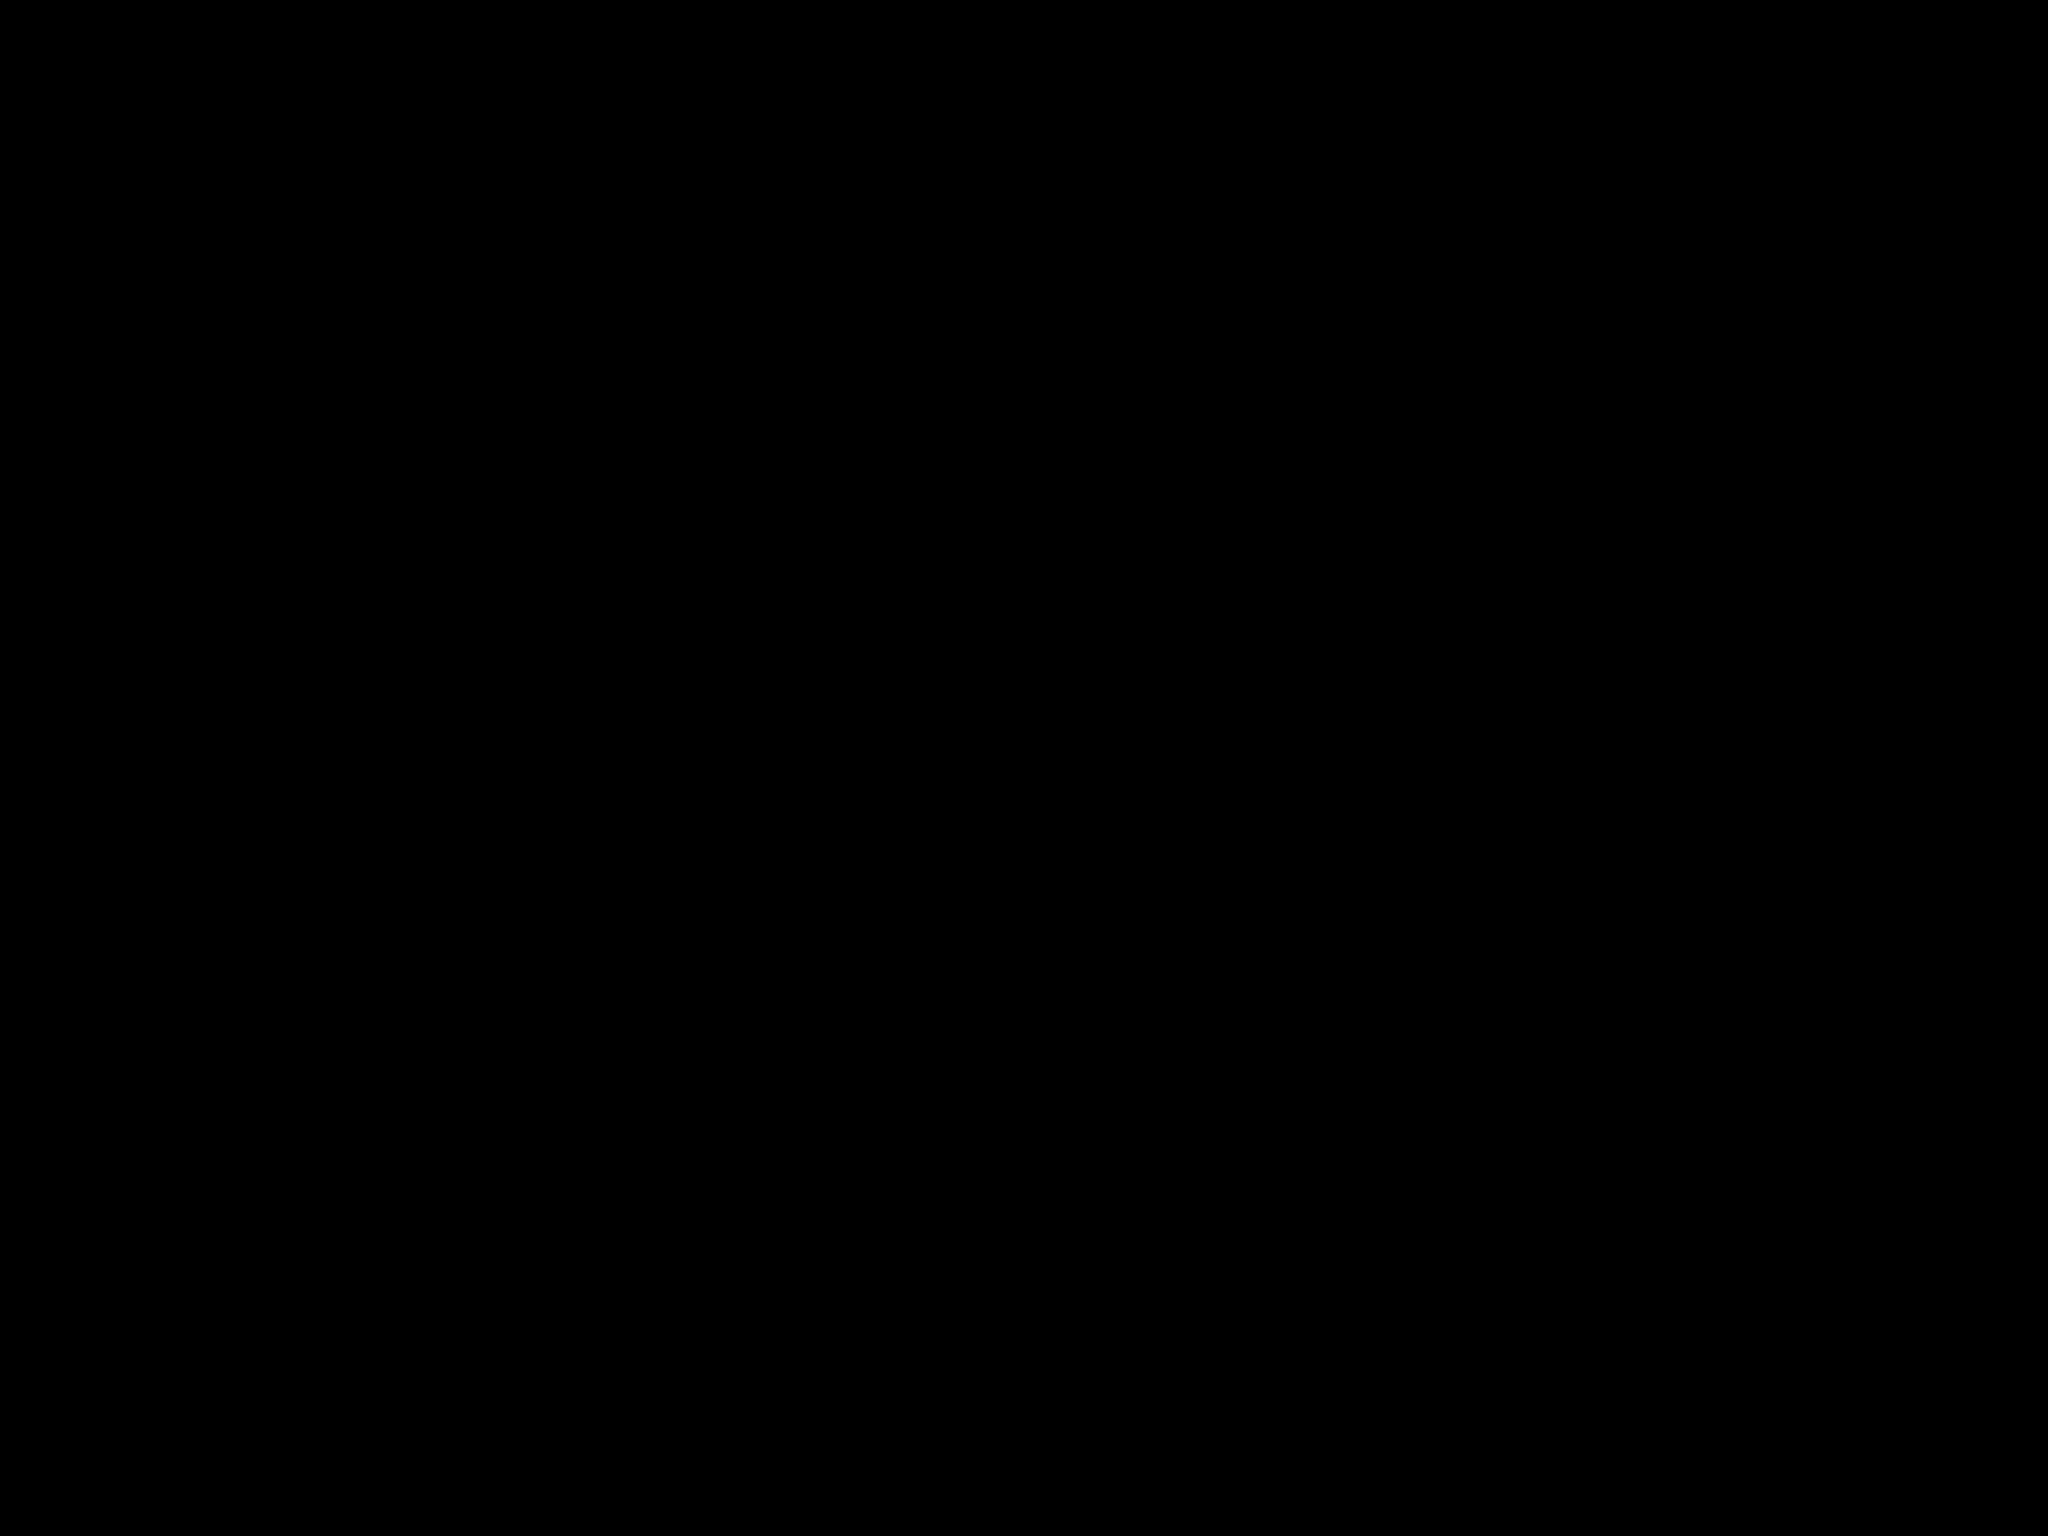 DSCF5278